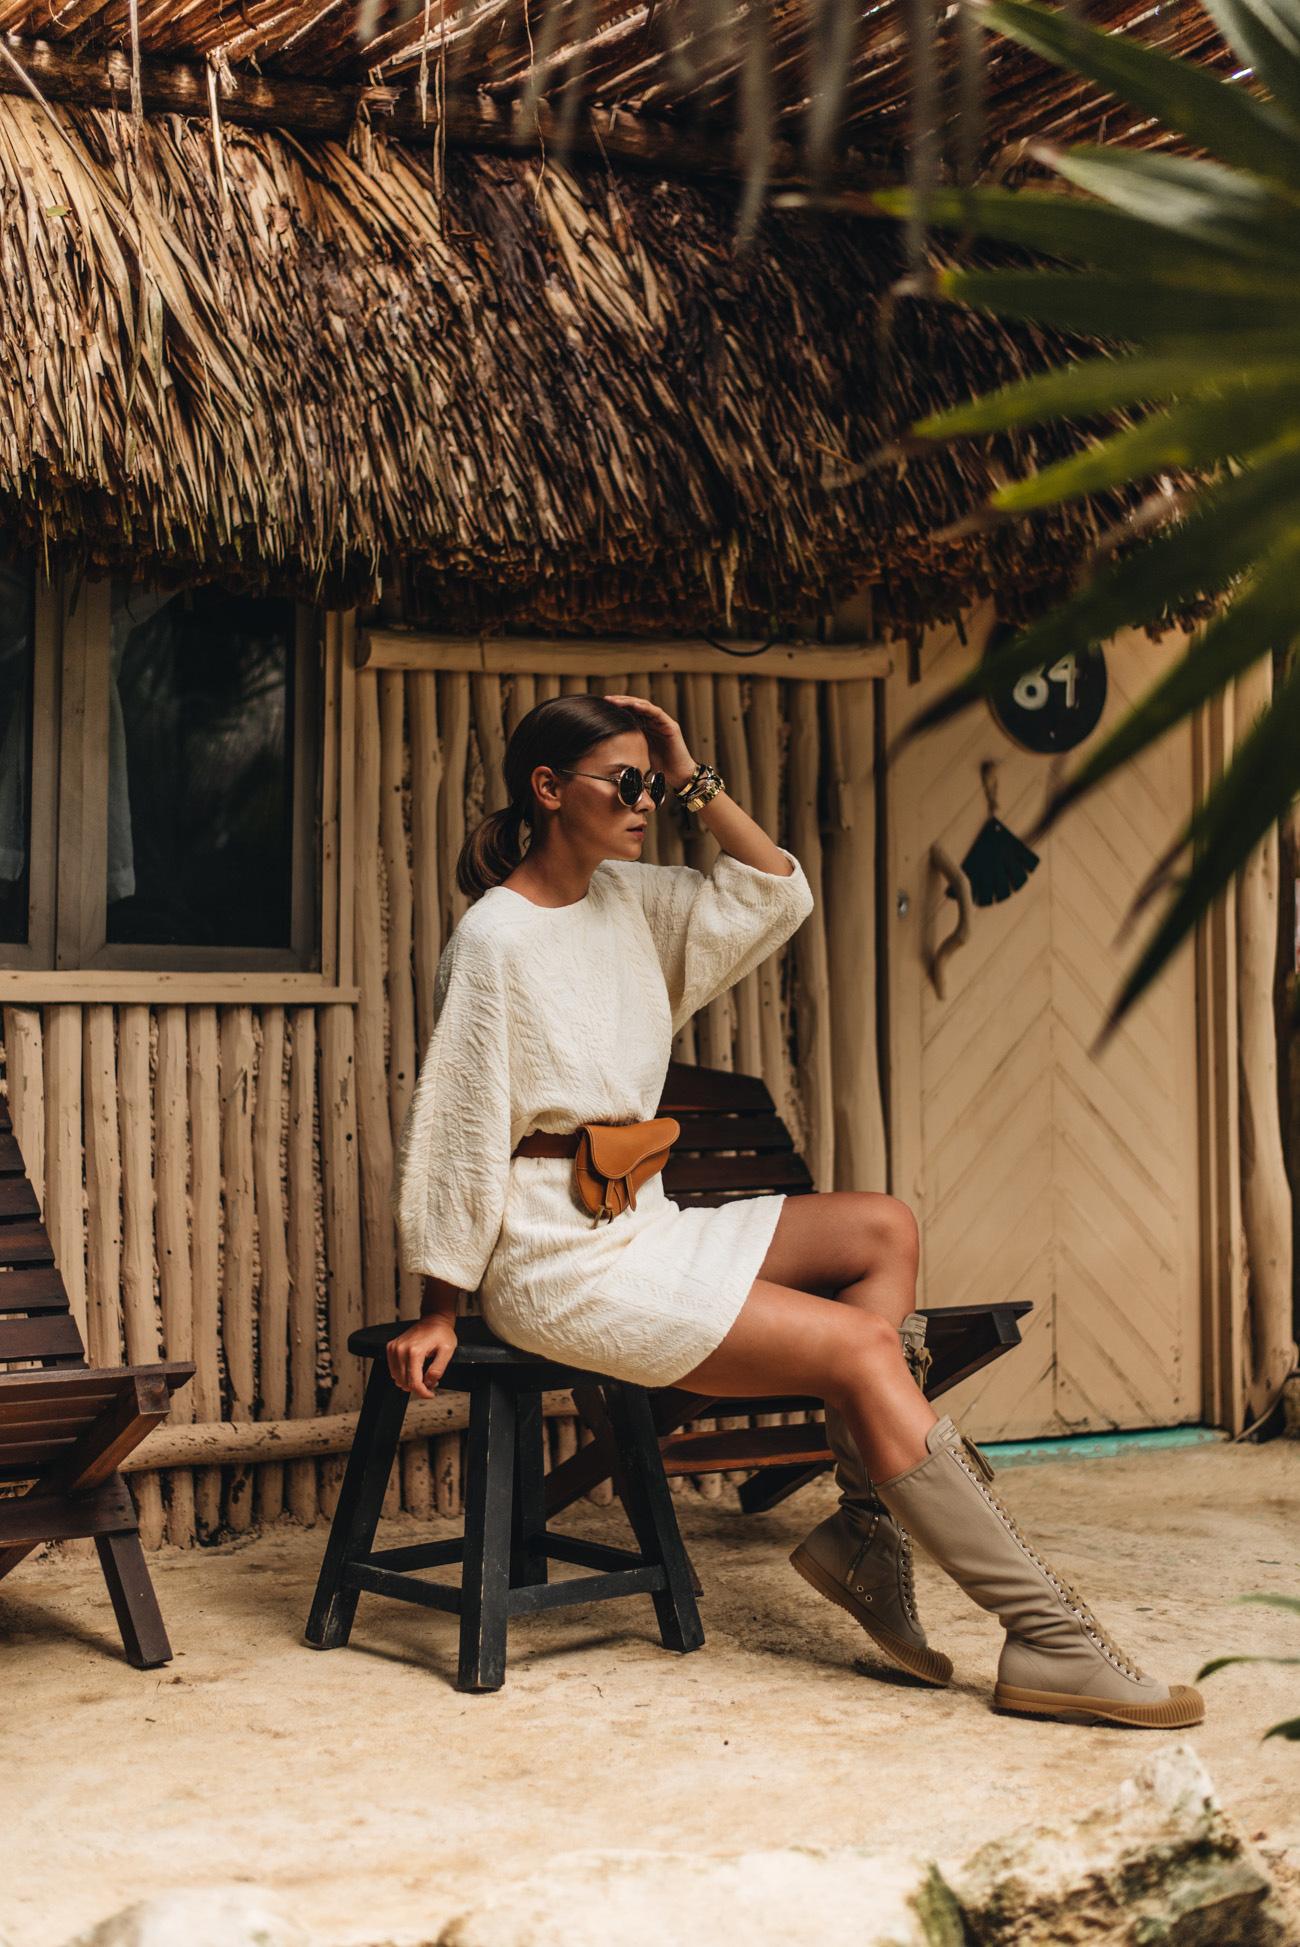 Weißes-sommerkleid-mit-weiten-ärmeln-tulum-palmen-dschungel-foto-shooting-fashiioncarpet-nina-schwichtenberg